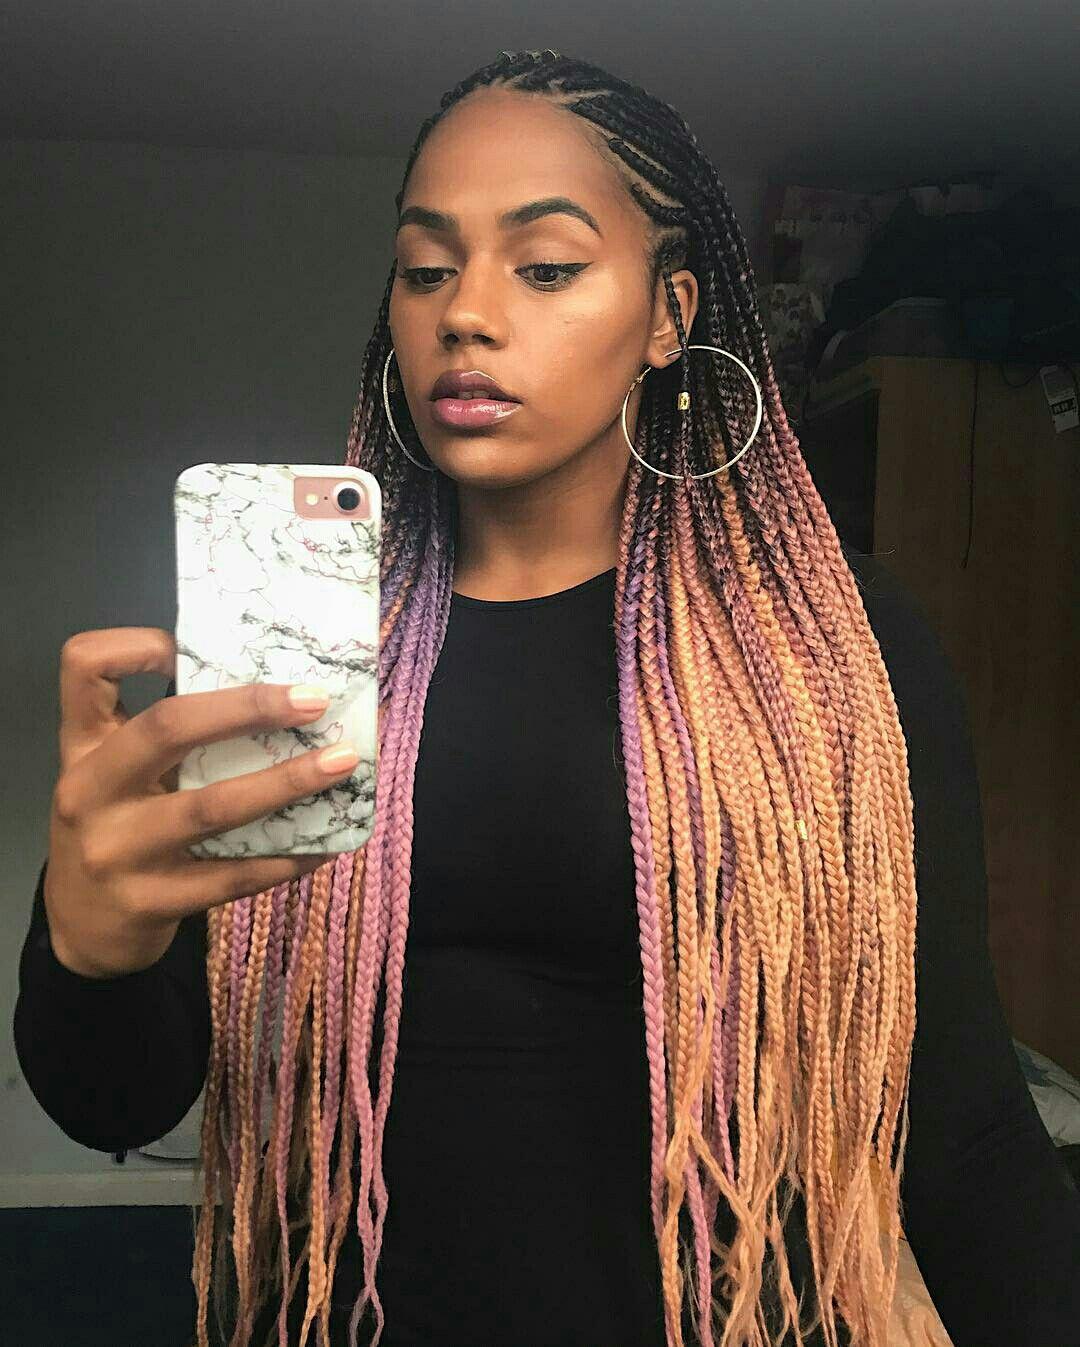 Fulani Braid Inspiration: 14 Gorgeous Fulani Braided ...